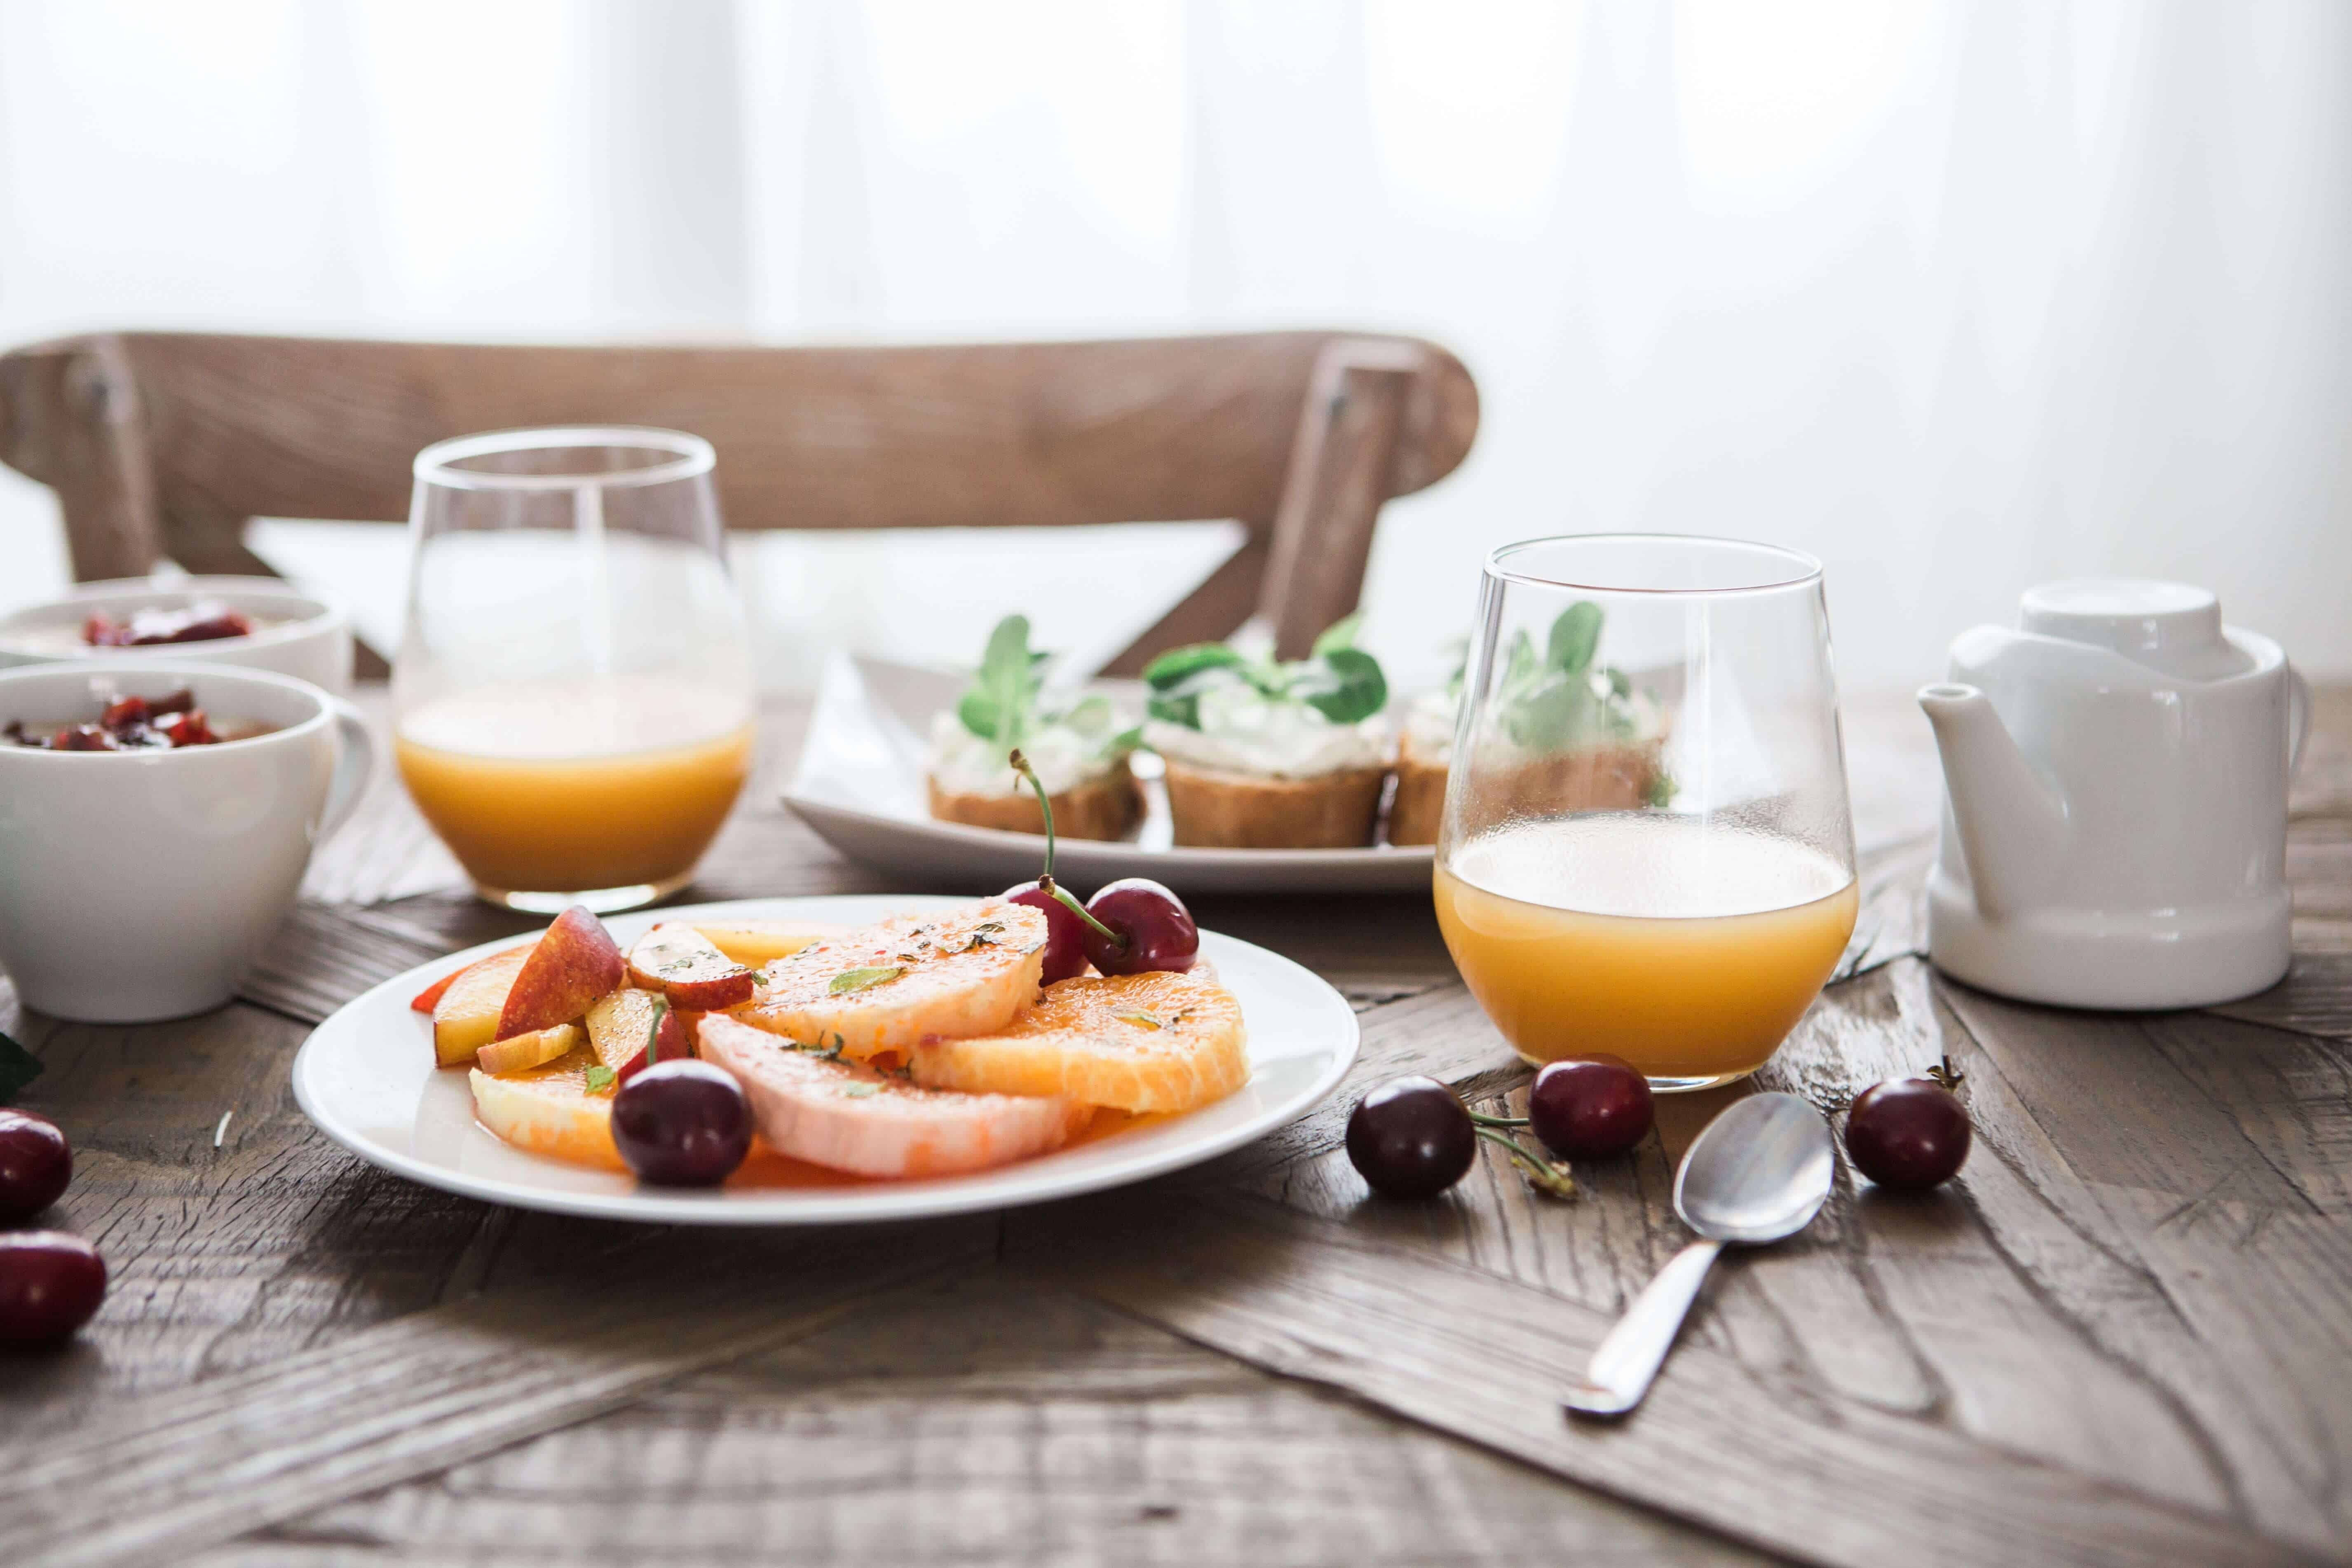 ארוחות הבוקר הטעימות ביותר בבת ים - המומלצים